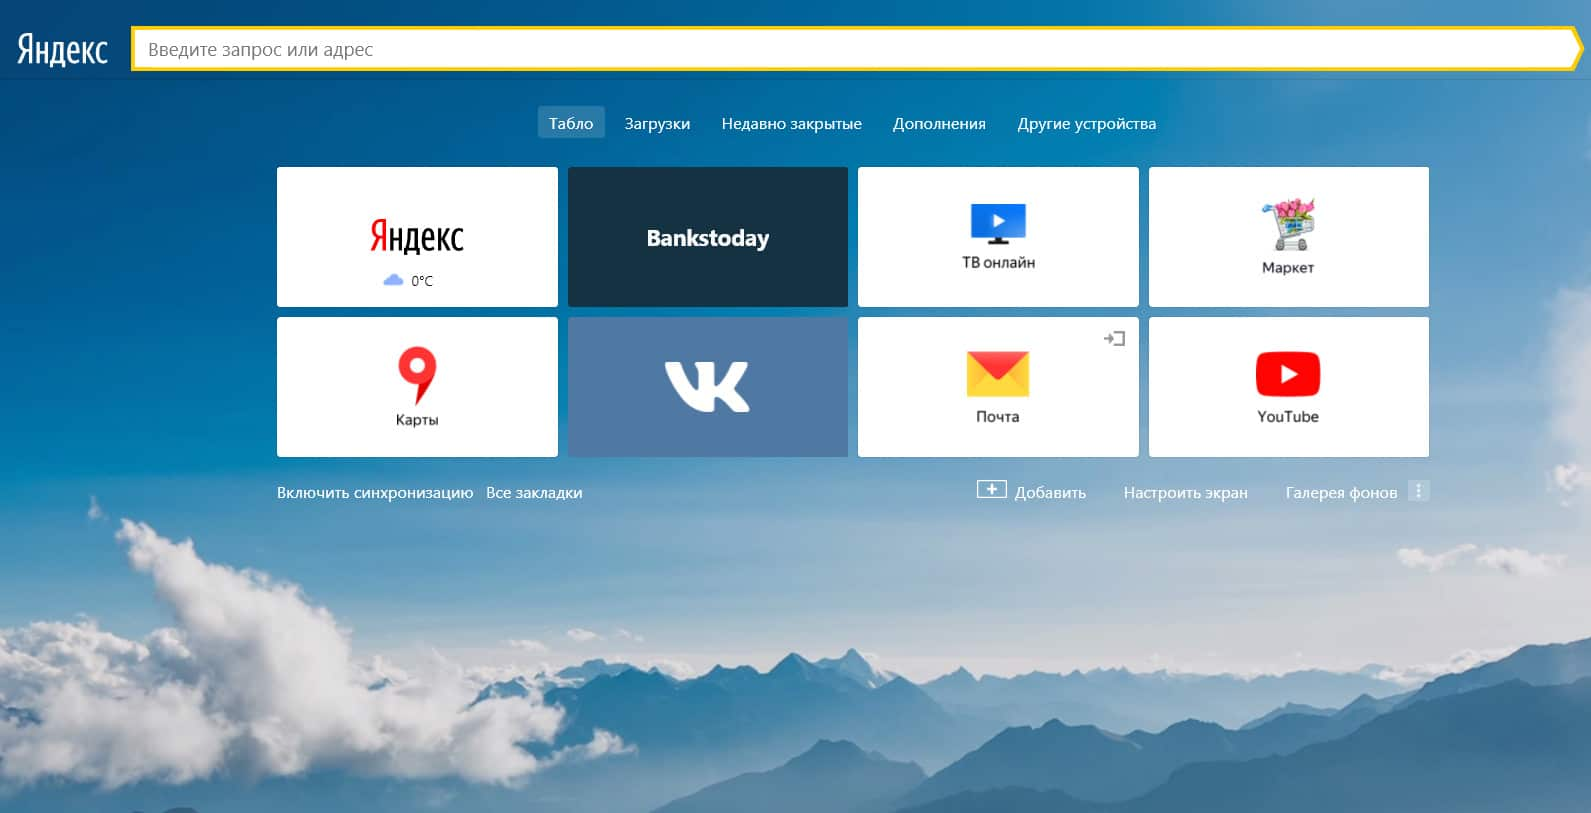 Яндекс Браузер научился блокировать скрытые майнеры криптовалют